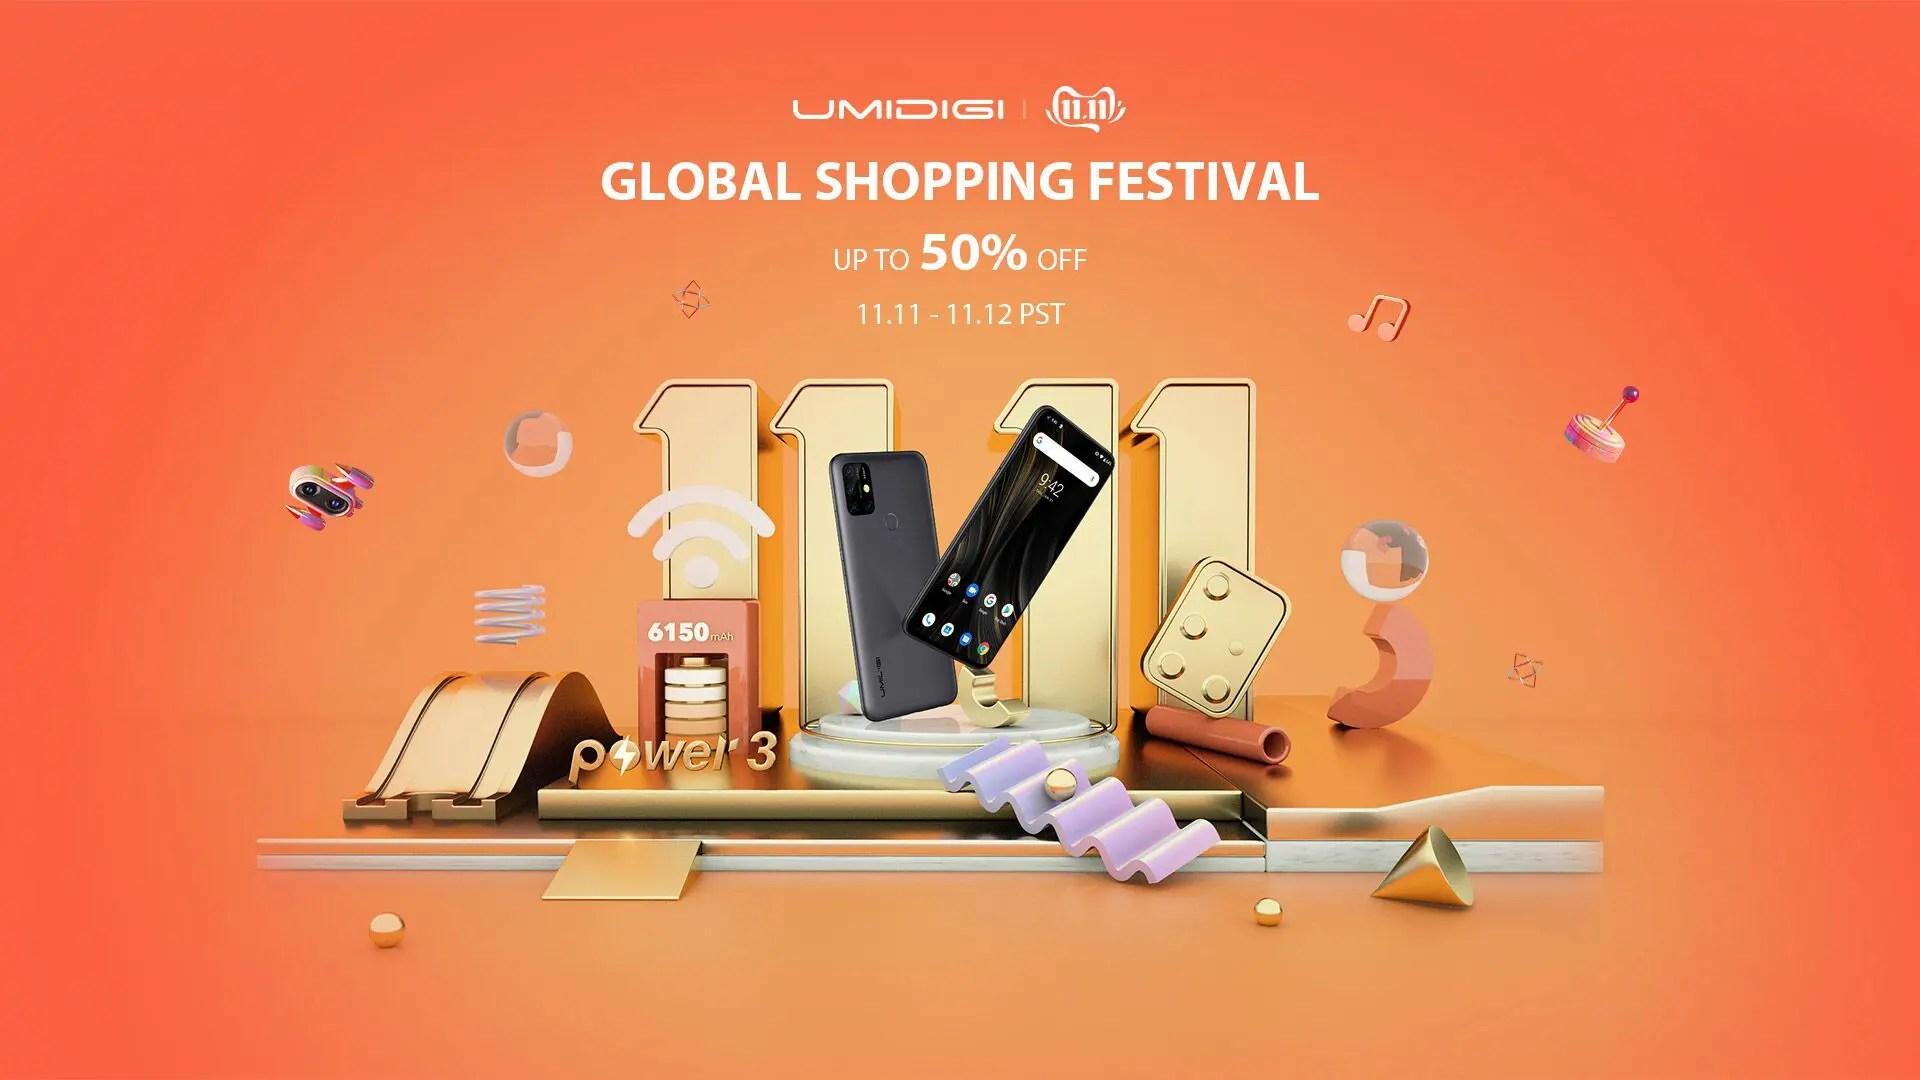 UMIDIGI独身の日11.11セールでPower 3など人気機種4種が特別価格で販売